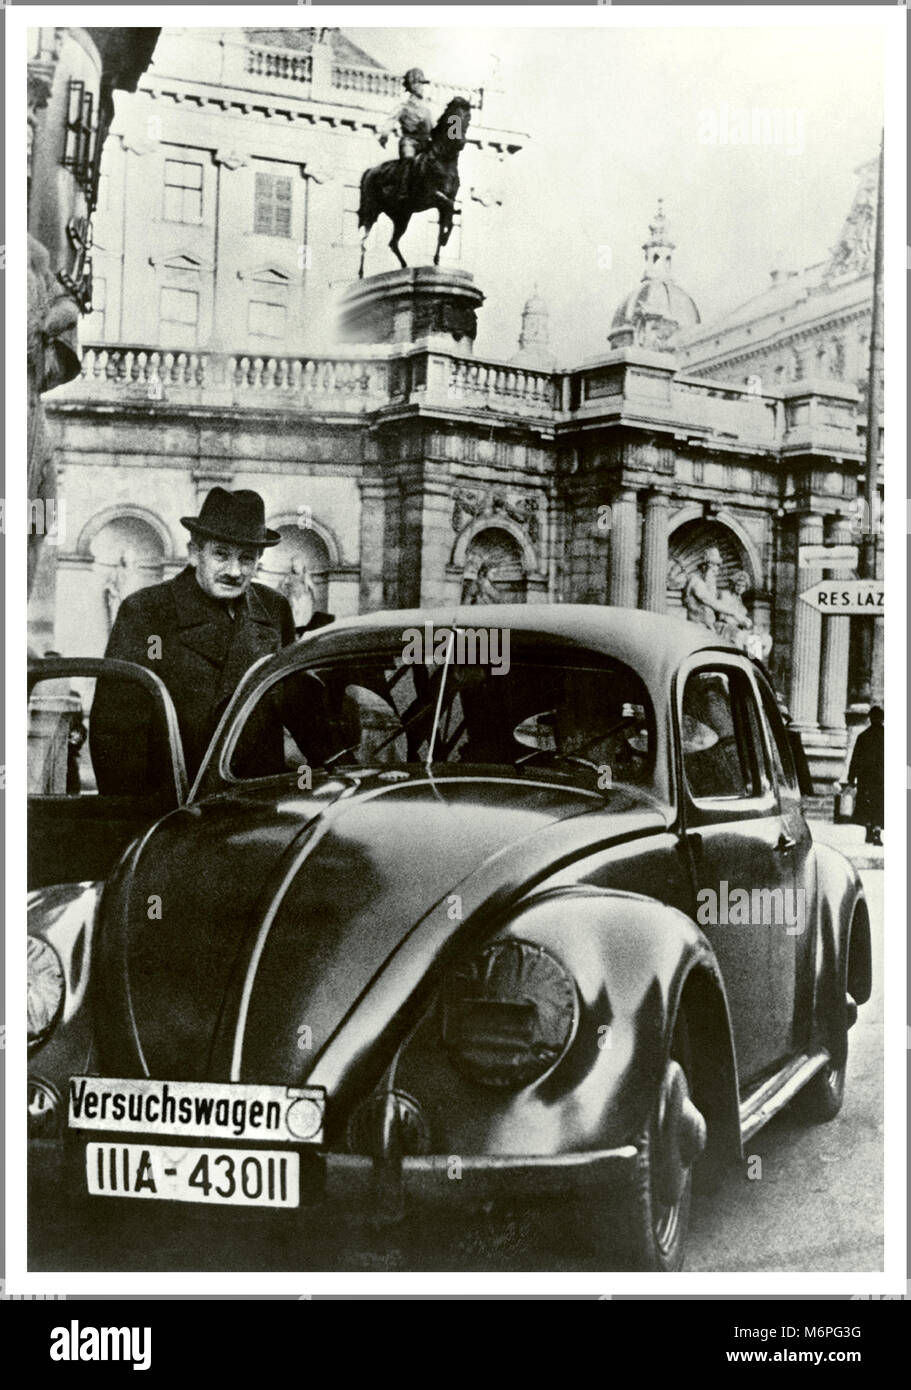 1930's VW VOLKSWAGEN LAUNCH KDF-WAGEN Rare Vintage 1938 image of a prototype ' Versuchswagen' Volkswagen Beetle - Stock Image